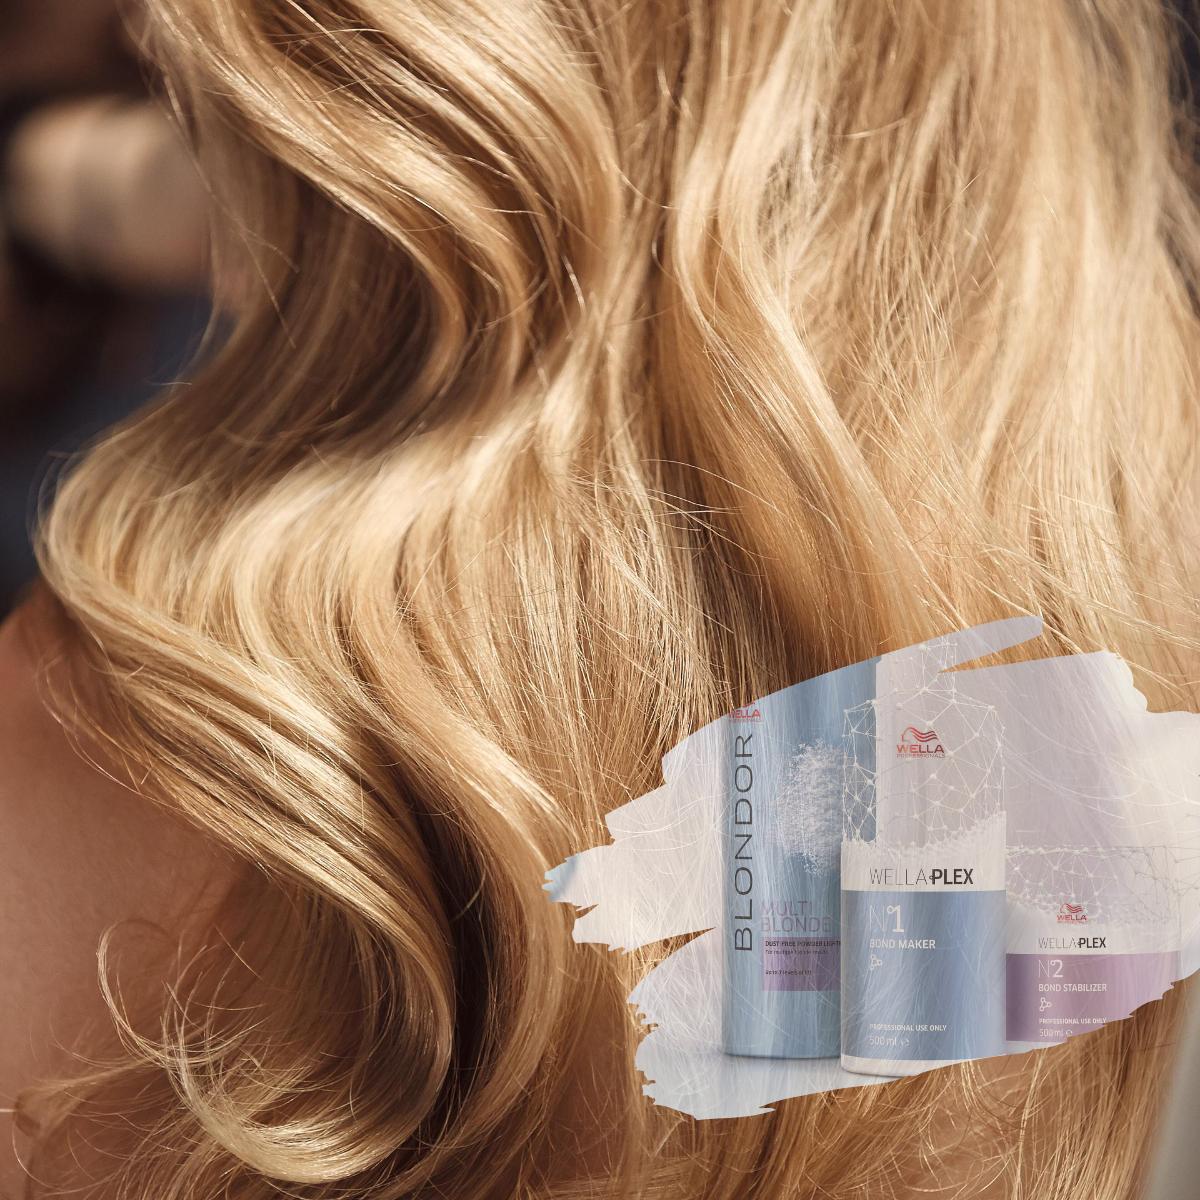 Premium Blonding Services